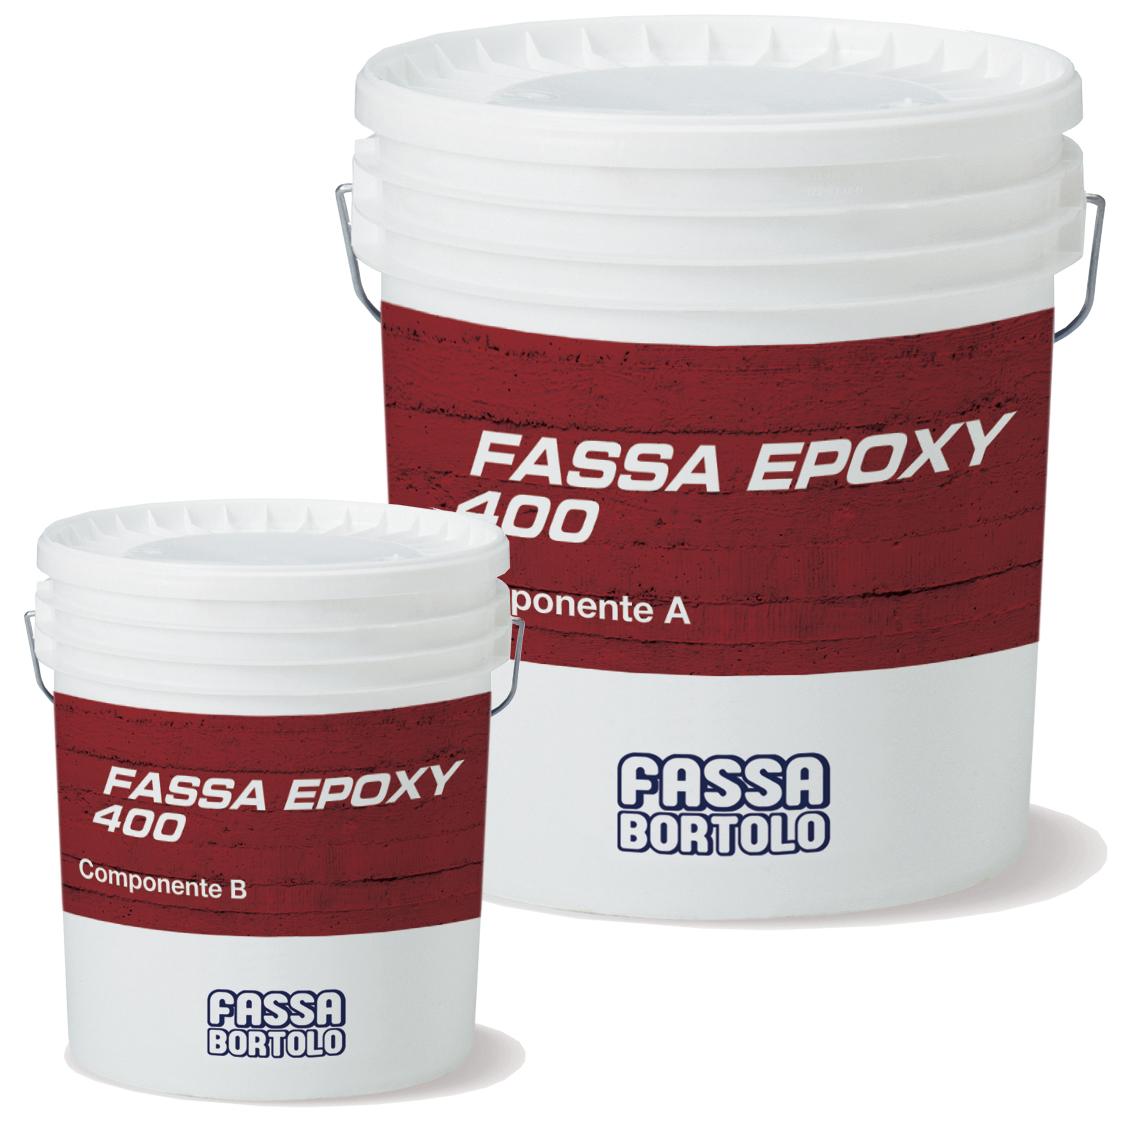 FASSA EPOXY 400: Resina epóxi para regularização de superfícies, colagem estrutural e para a realização de sistemas de reforço FASSAPLATE CARBON SYSTEM